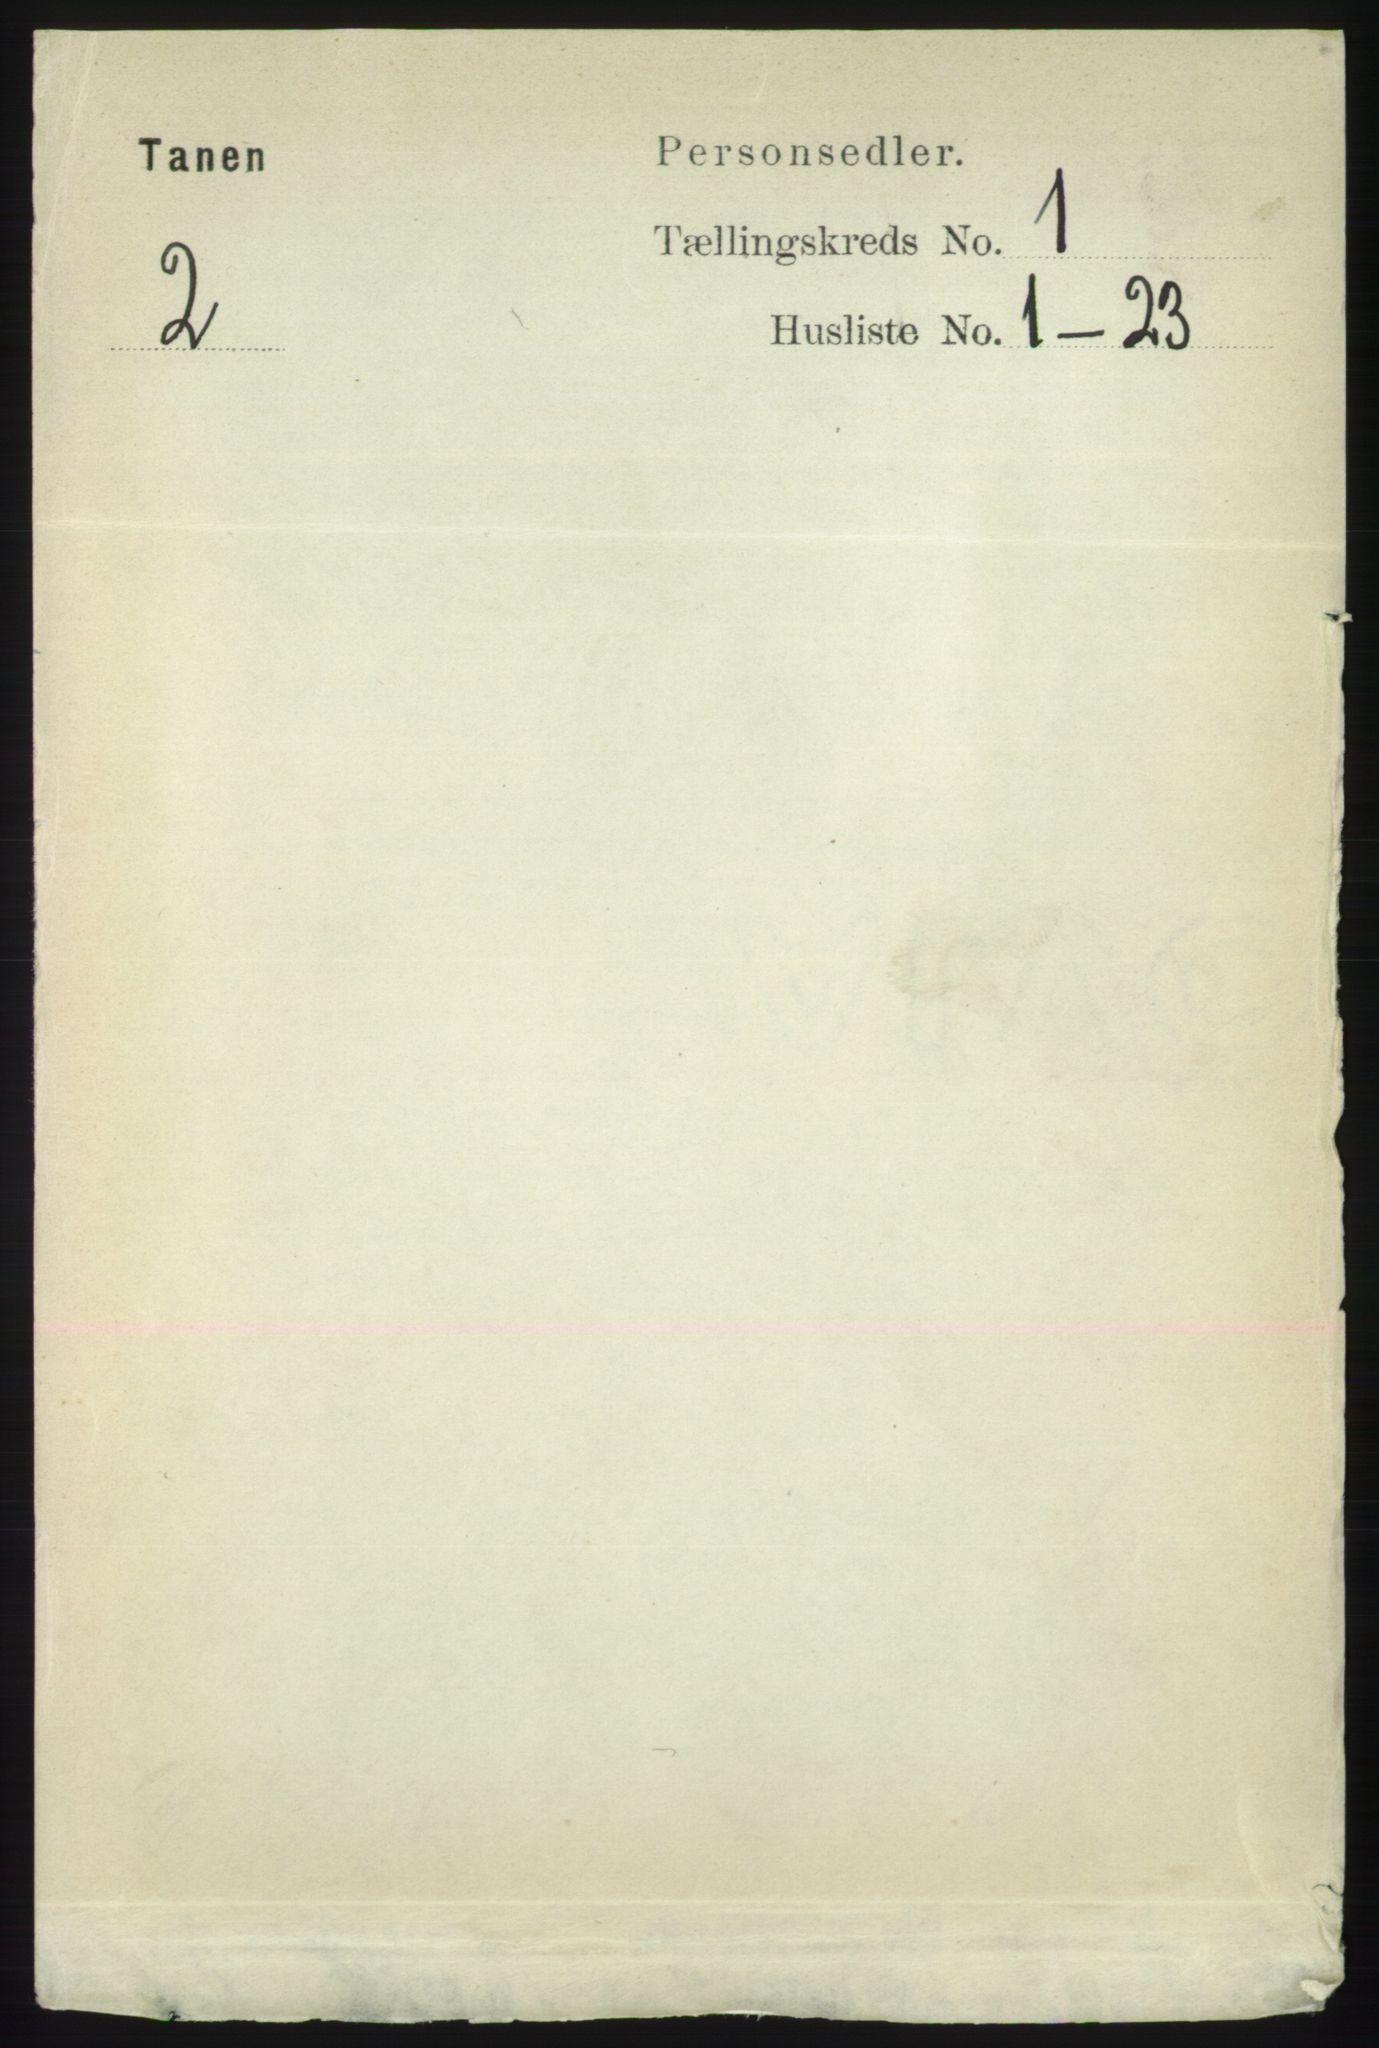 RA, Folketelling 1891 for 2025 Tana herred, 1891, s. 113